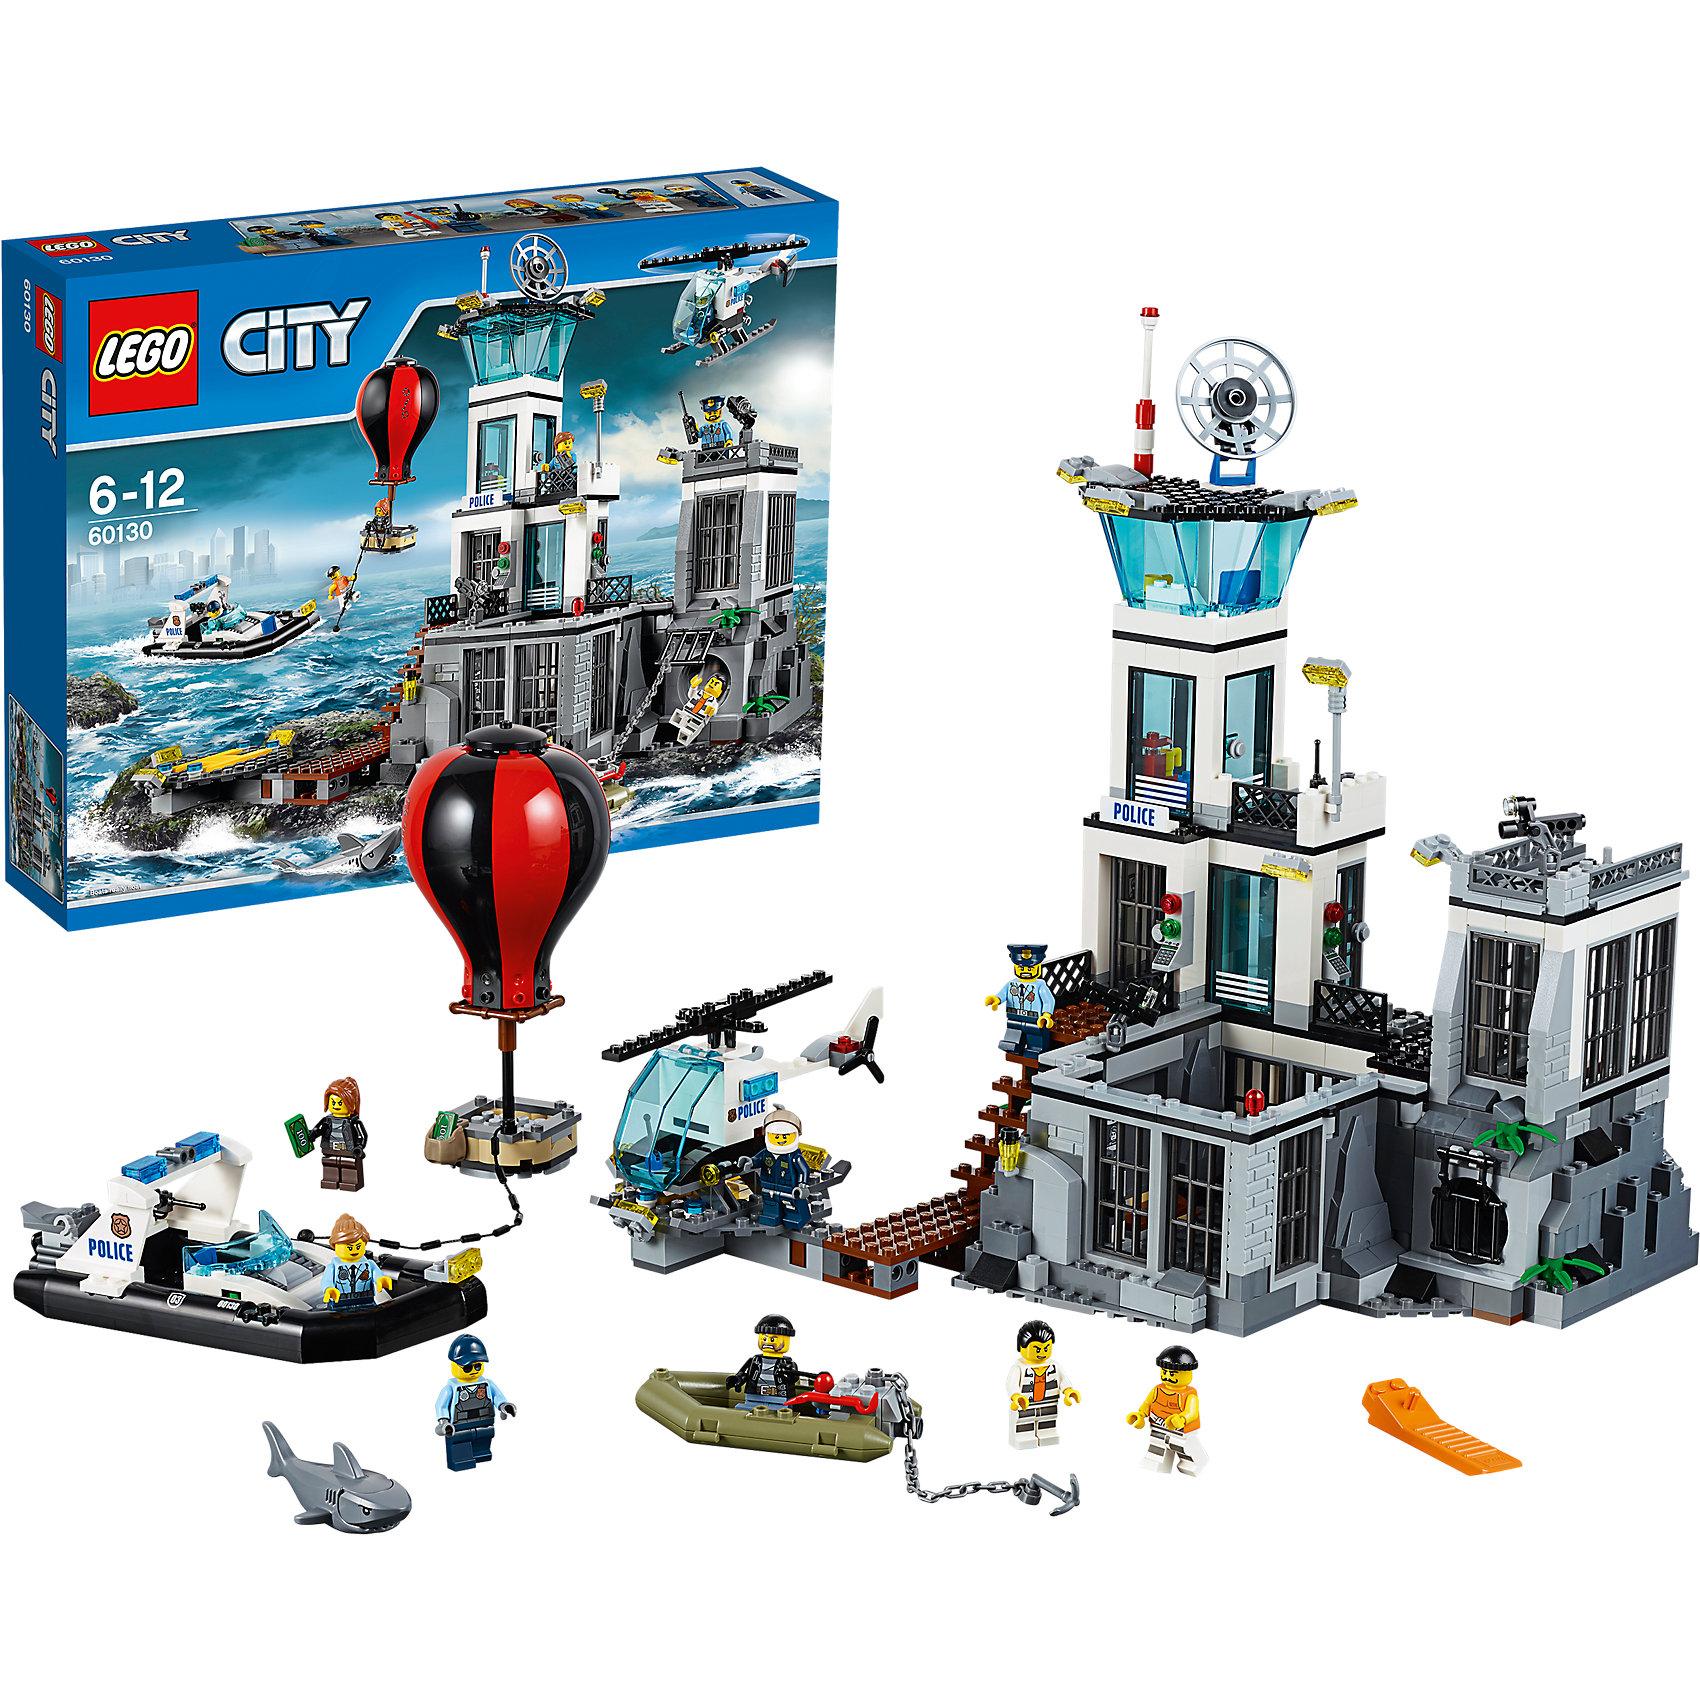 LEGO City 60130: Остров-тюрьмаПластмассовые конструкторы<br>Конструктор LEGO City (ЛЕГО Сити) 60130: Остров-тюрьма подарит Вашему ребенку новые веселые приключения и расширит игровые возможности. На острове-тюрьме пытаются совершить побег двое преступников. Вместе с отважными полицейскими следи за ними, чтобы выяснить их планы и не дать им сбежать. Беглецы уже пробираются по канализации к катеру, подготовленному для побега. Скорее запрыгивай в вертолёт и не дай им улететь на воздушном шаре. Они сделают всё, чтобы вырваться с Острова-тюрьмы! Из деталей набора Вы сможете построить<br>впечатляющее здание тюрьмы, полицейский вертолёт, полицейский катер, лодку и воздушный шар. Тюрьма оборудована несколькими функциональными помещениями и системой вентиляции, через которую могут сбежать преступники. На втором этаже размещается комната отдыха с большими панорамными окнами, самый верхний уровень представляет собой дозорную вышку, оснащенную системой прожекторов, спутниковой антенной и сигнальным огнём. Перед тюрьмой устроен небольшой деревянный пирс с площадкой для полицейского вертолета. В комплект также входят различные игровые аксессуары (полицейская рация, наручники, гантель, пачки денег и другие) и восемь минифигурок: четверо полицейских и четверо преступников.<br><br>Серия конструкторов  LEGO City позволяет почувствовать себя инженером и архитектором, строителем или мэром города. Вы можете создавать свой город мечты, развивать городскую инфраструктуру, строить дороги и здания, управлять городским хозяйством и следить за порядком. В игровых наборах с разнообразными сюжетами много интересных персонажей, оригинальных объектов и городской техники. Это уникальная возможность для ребенка развивать фантазию и логическое мышление, узнавать и осваивать разные профессии.<br><br>Дополнительная информация:<br><br>- Игра с конструктором LEGO (ЛЕГО) развивает мелкую моторику ребенка, фантазию и воображение, учит его усидчивости и внимательности.<br>- Количество деталей: 754.<br>- Ко